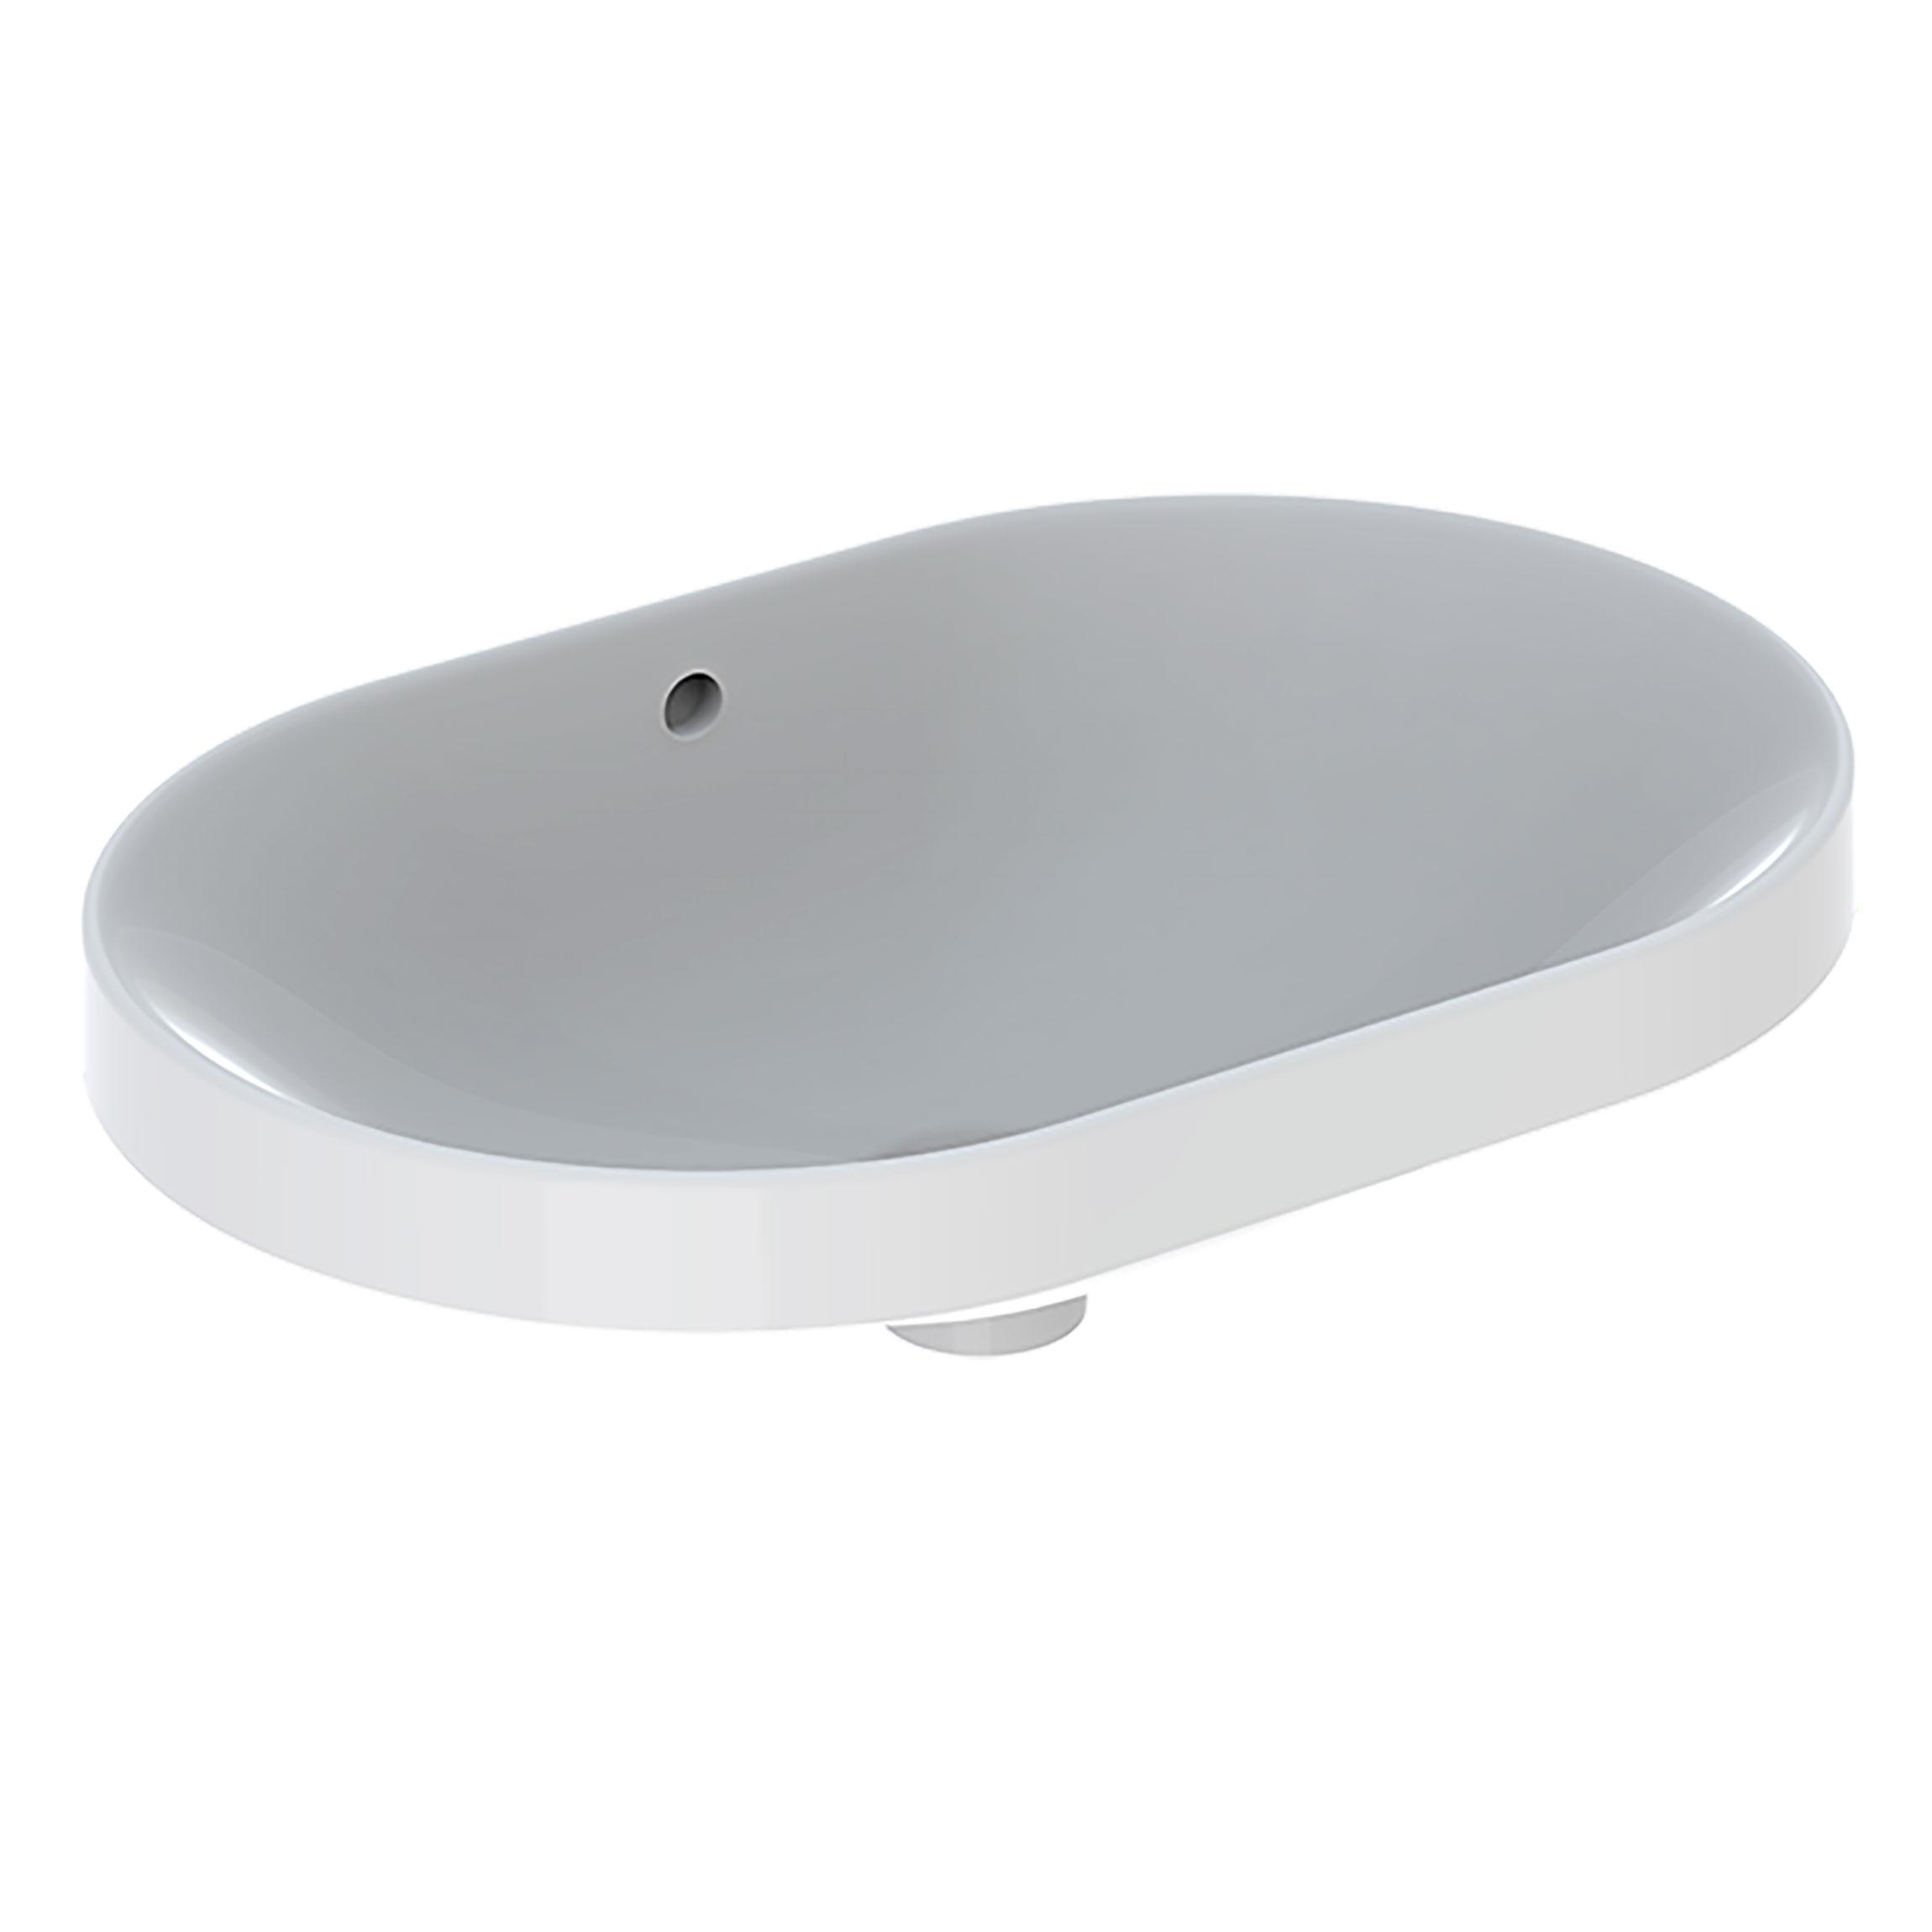 Tvättställ Ifö Variform 600 mm